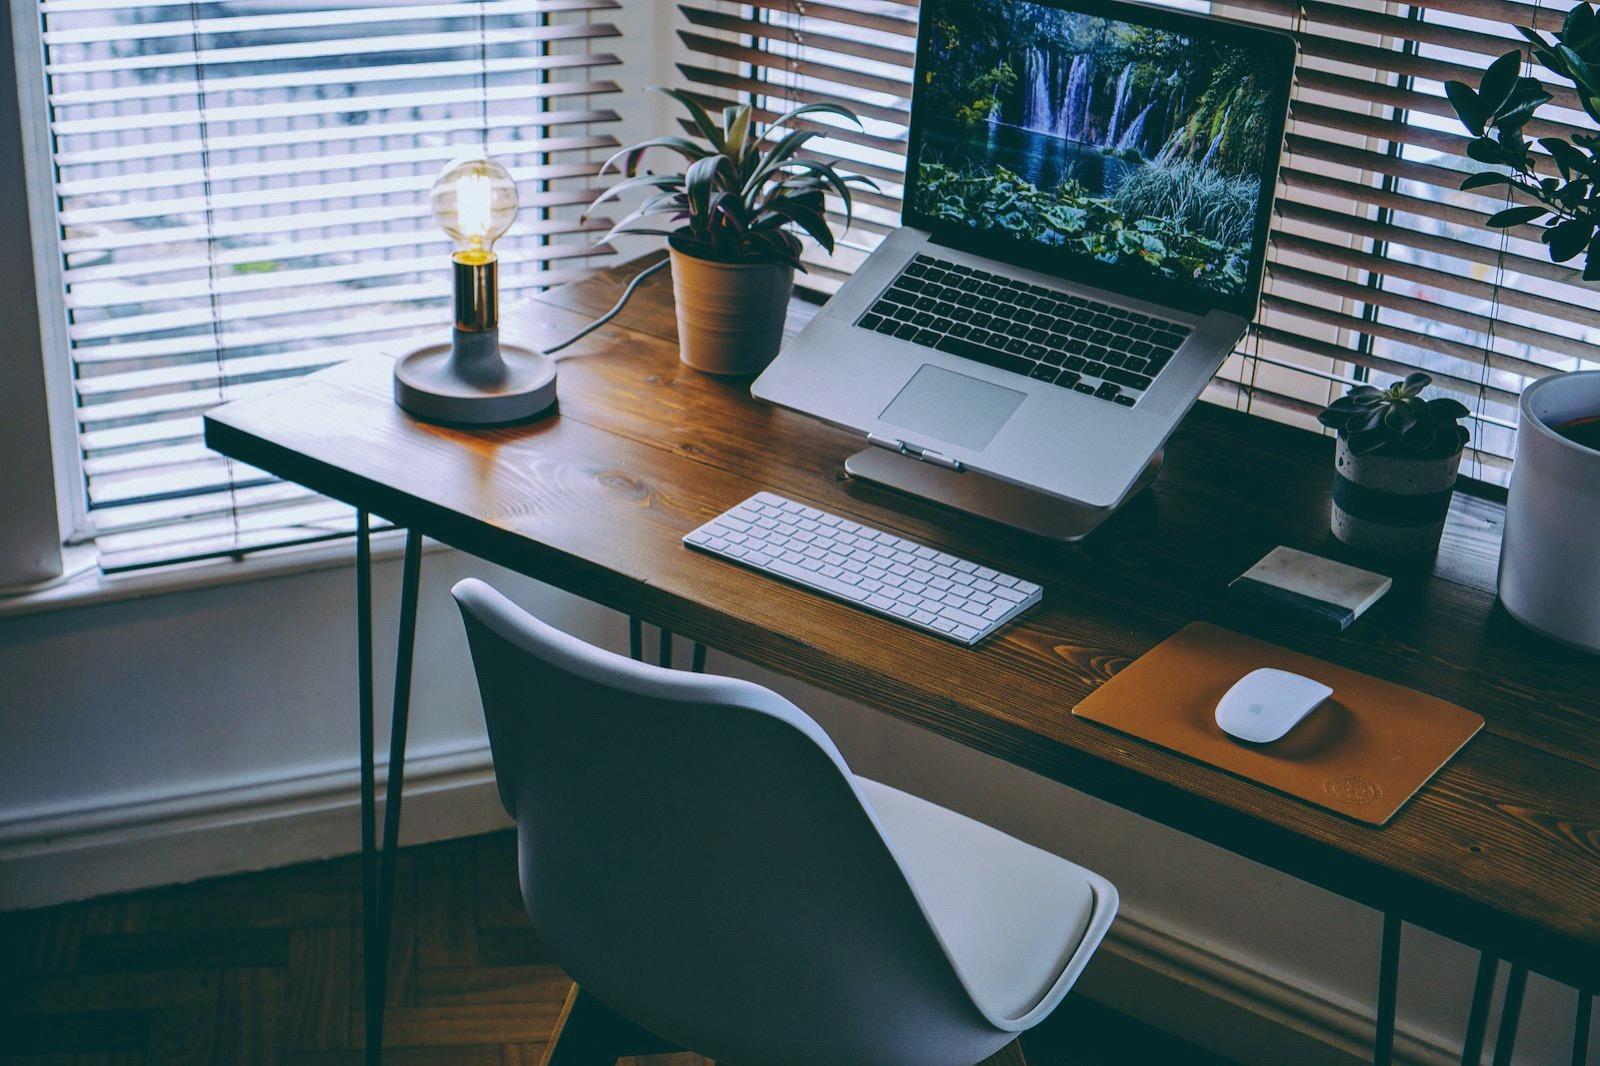 nathan-riley-9q3I8XhesQI-unsplash-macbook-workspace.jpg